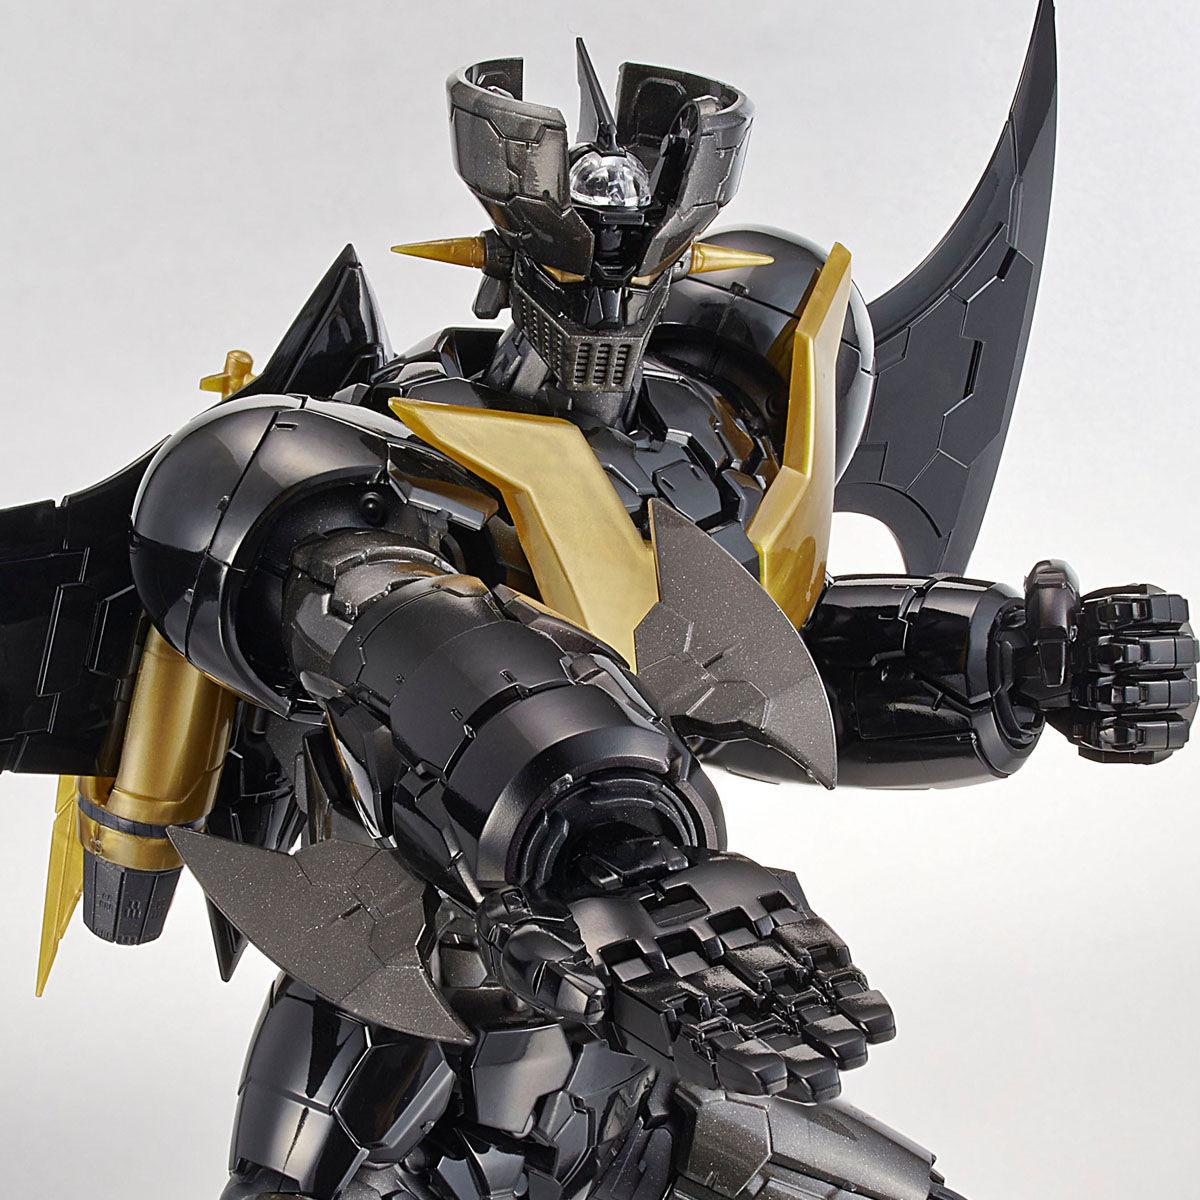 【限定販売】HG 1/144『マジンガーZ ブラックVer.(マジンガーZ INFINITY Ver.)』プラモデル-005